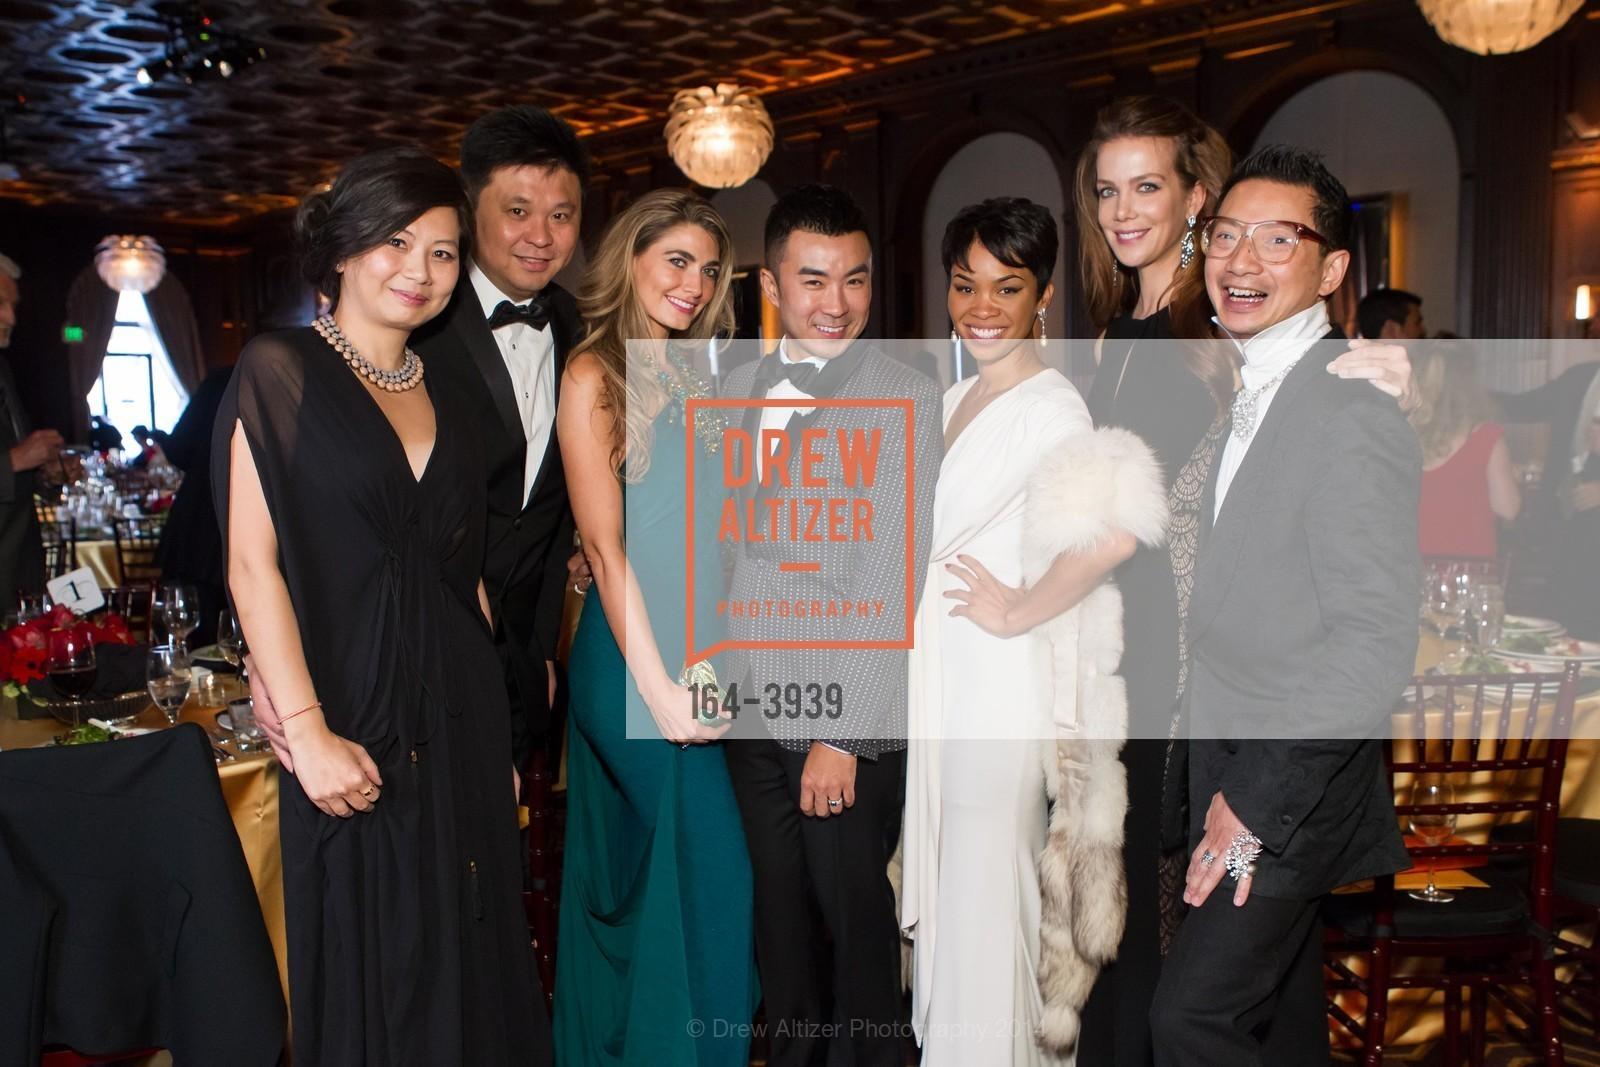 Ada Ku, Ambrose Ku, Ellian Raffoul, Kai Tan, Moanalani Jeffrey, Rachel Sitz, Lorence Manansala, Photo #164-3939